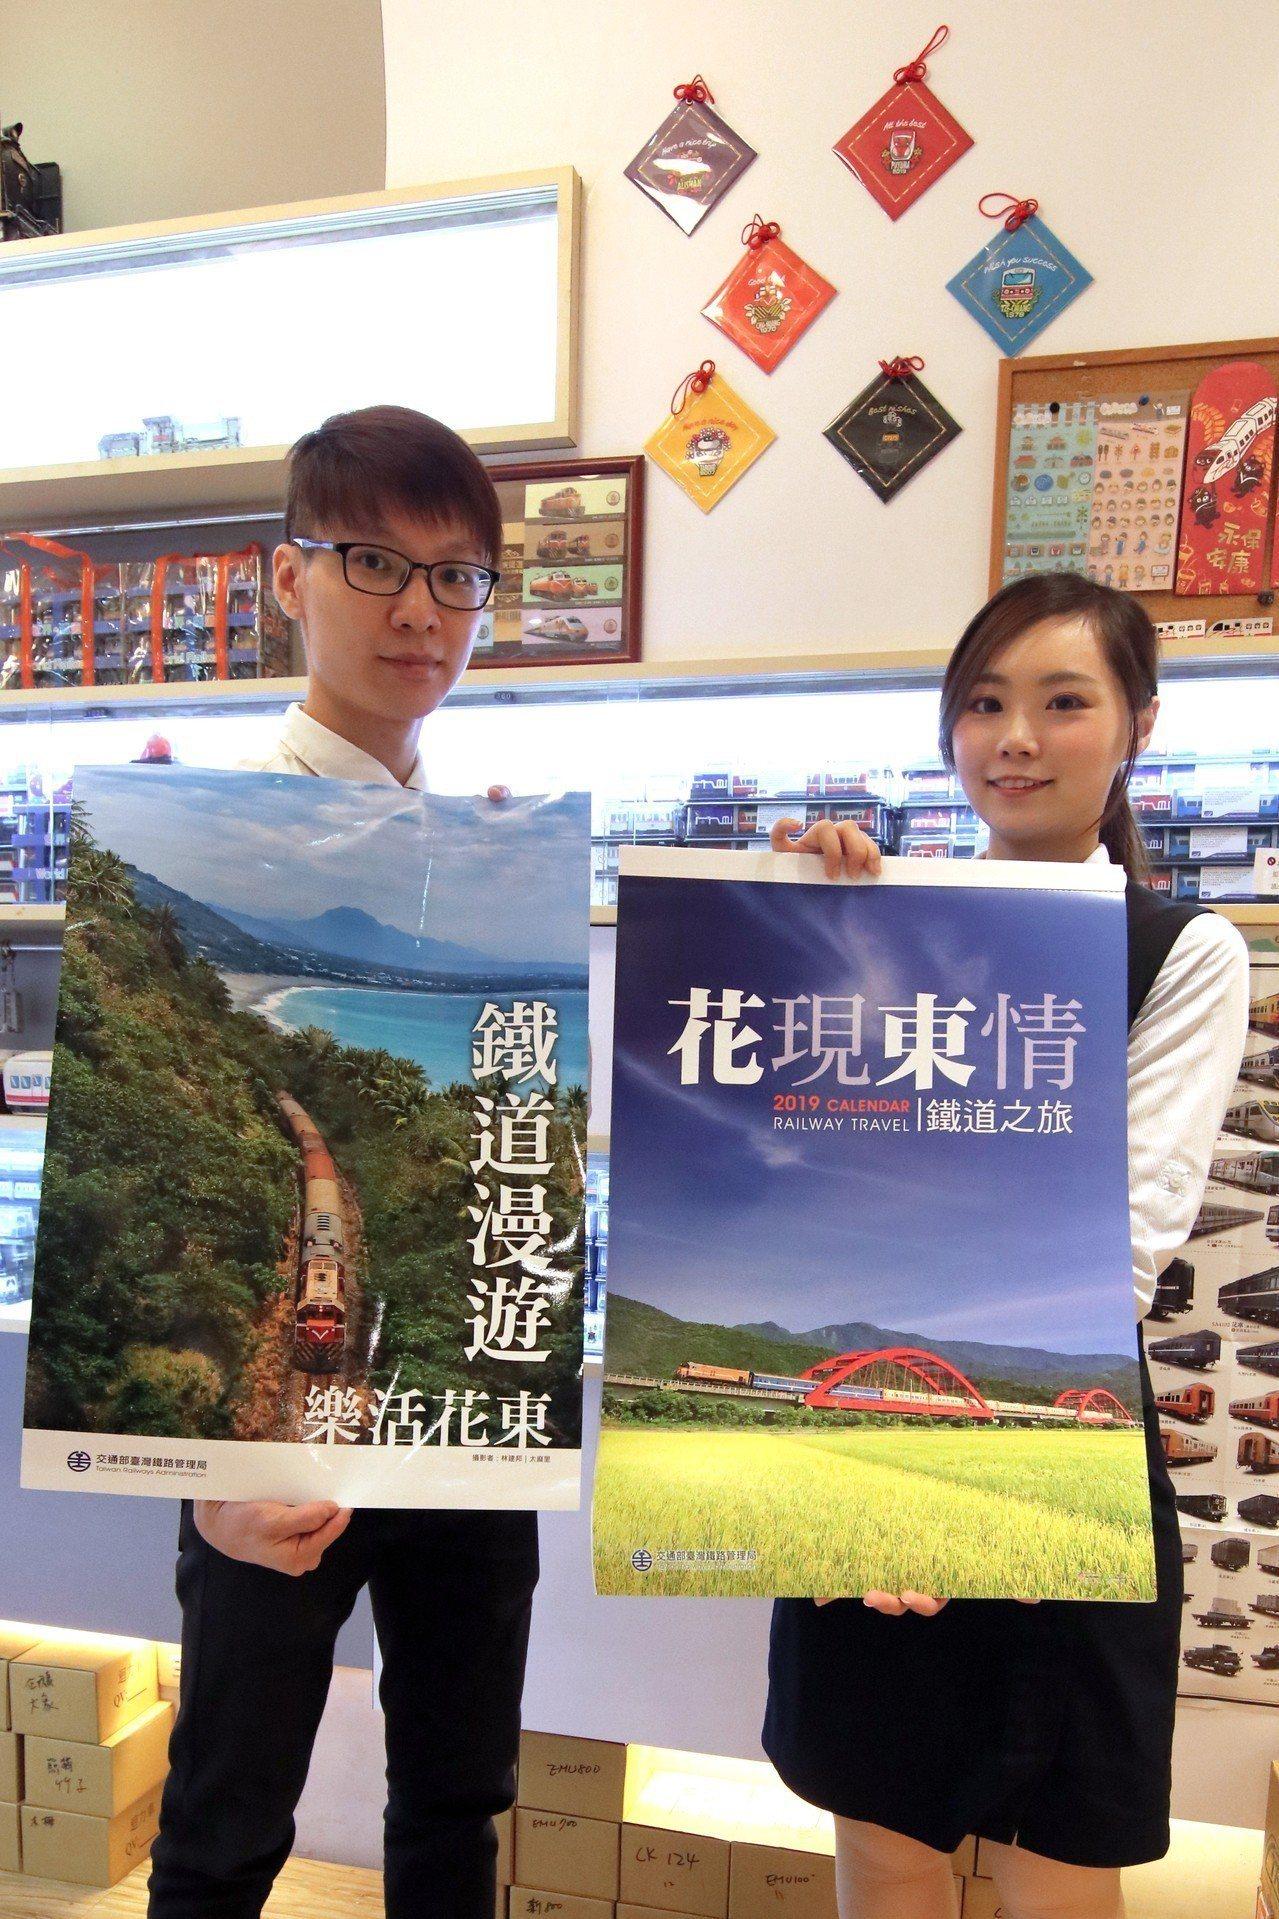 台鐵局「鐵道月曆」將於周四上午10時準時開賣。台鐵局提供